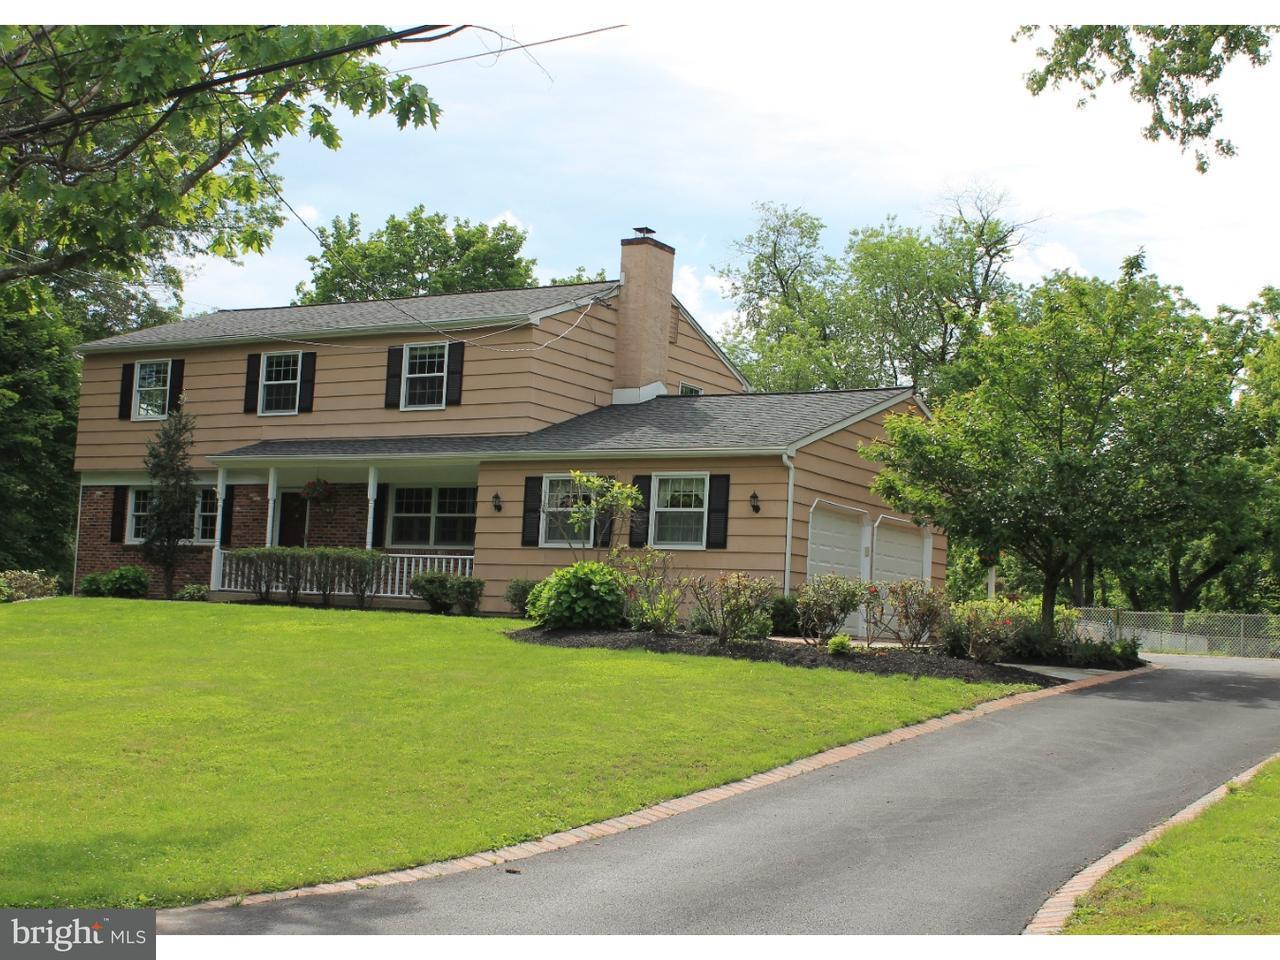 Maison unifamiliale pour l à louer à 90 PEBBLE VALLEY Drive Doylestown, Pennsylvanie 18901 États-Unis